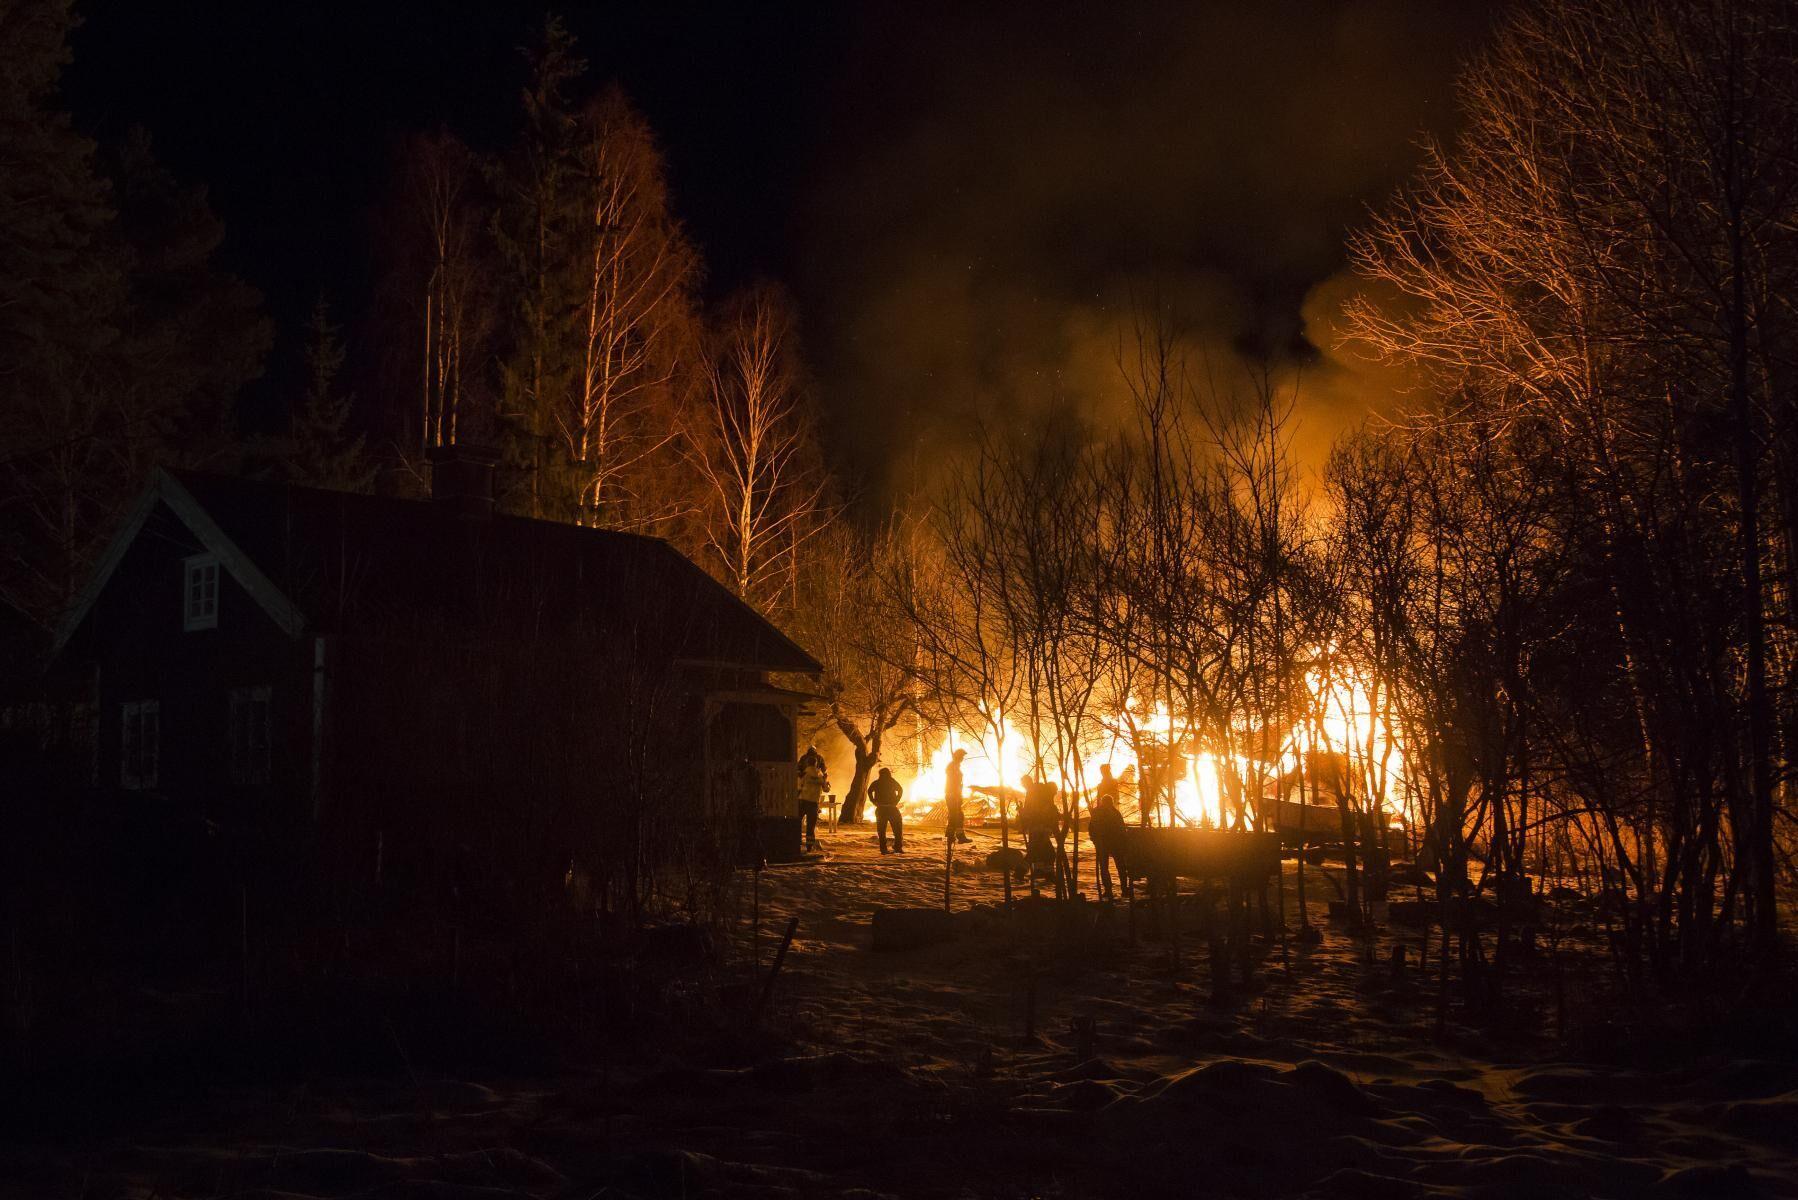 En ladugård och lada brann ner under kvällen/natten mot söndag. Bilden har inget med händelsen att göra (arkivbild).